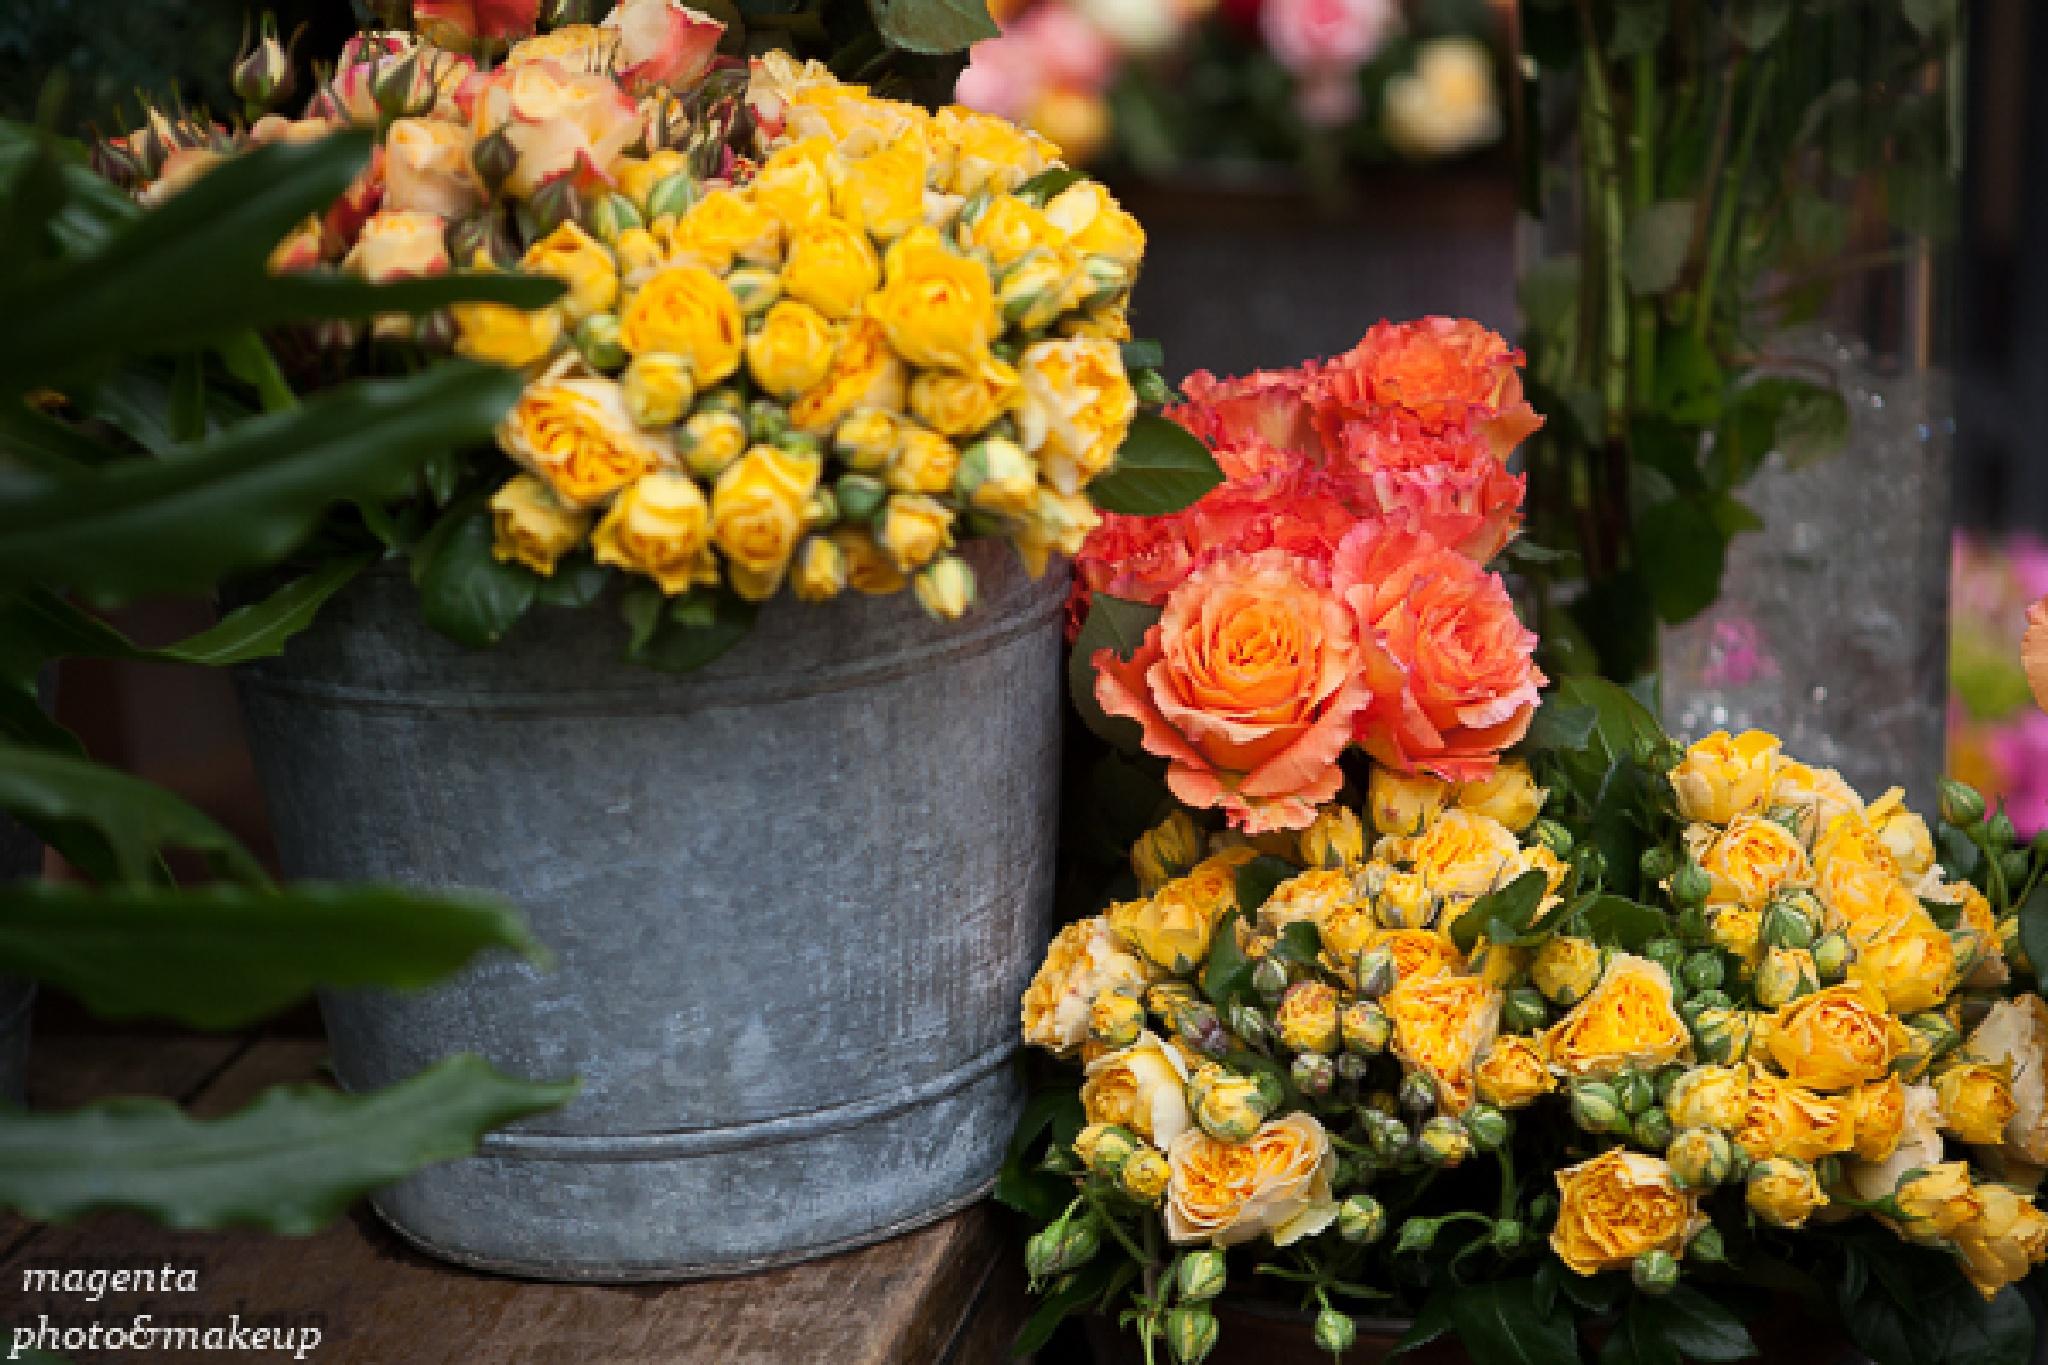 Roses in Paris by Kata Bartha